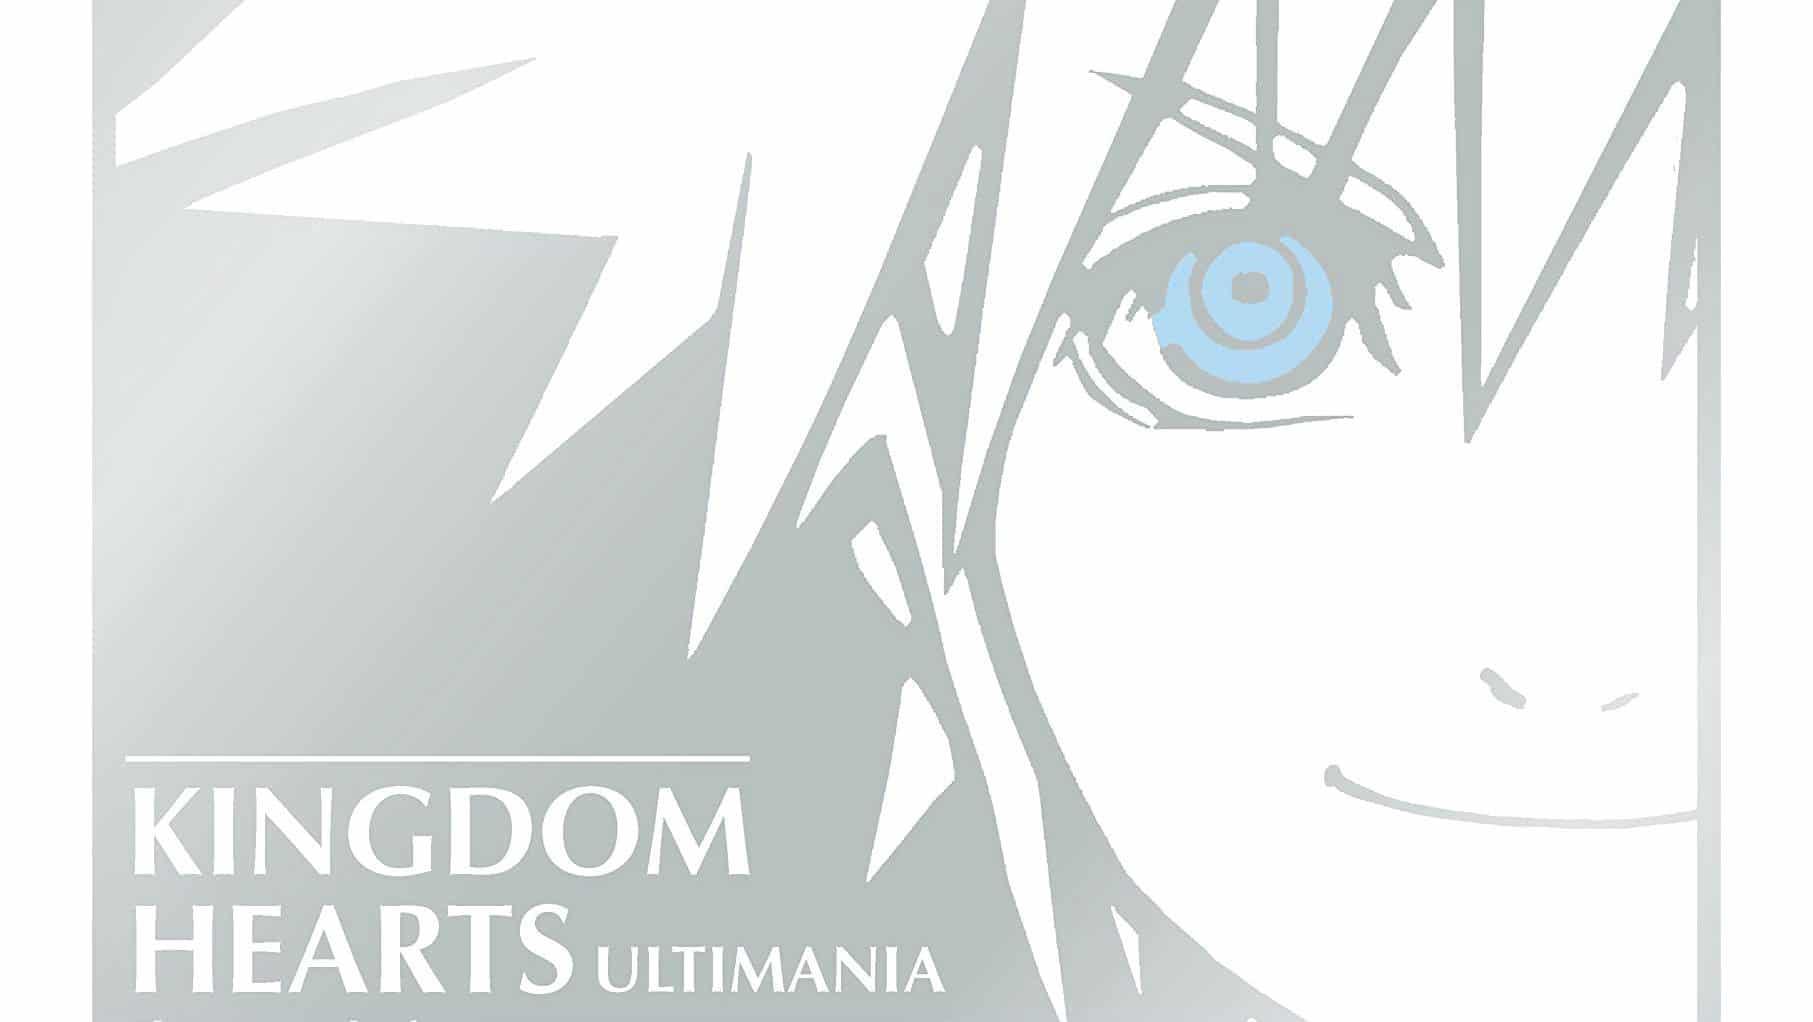 Kingdom Hearts Ultimania - la bible sur Kingdom Hearts